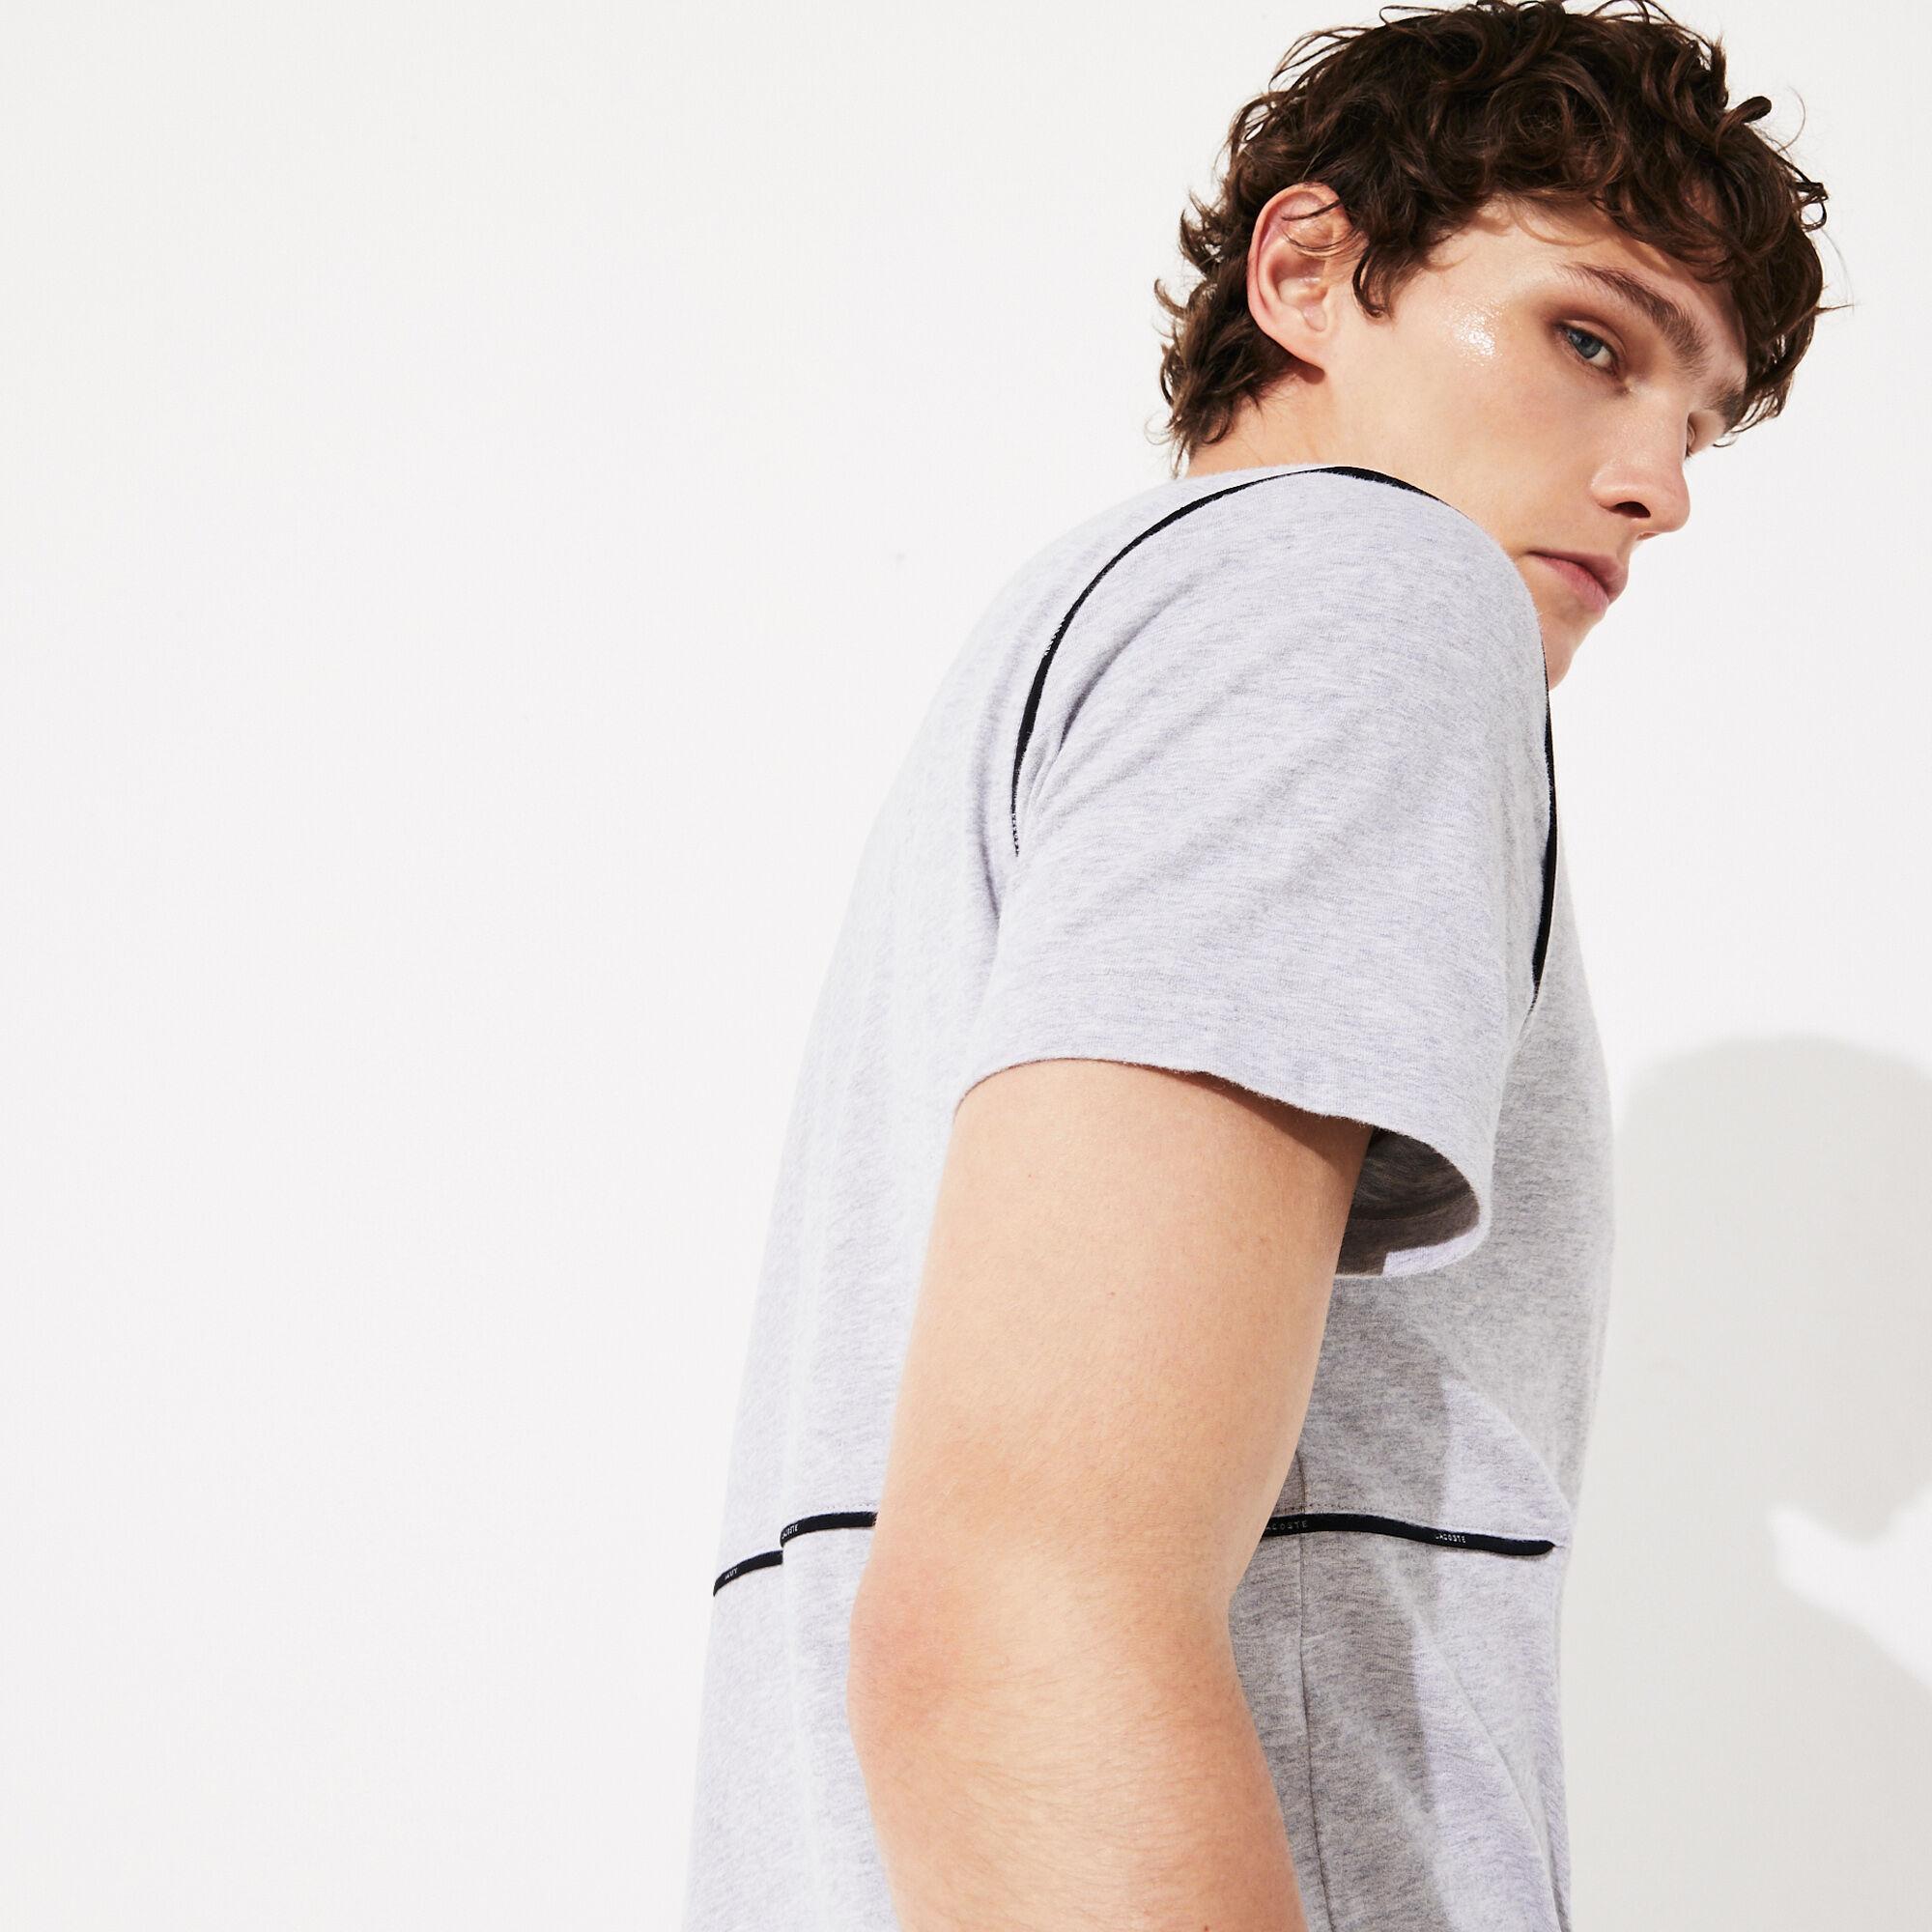 قميص بولو للرجال من القطن الفائق النعومة بسحاب عند الياقة من مجموعة Lacoste SPORT